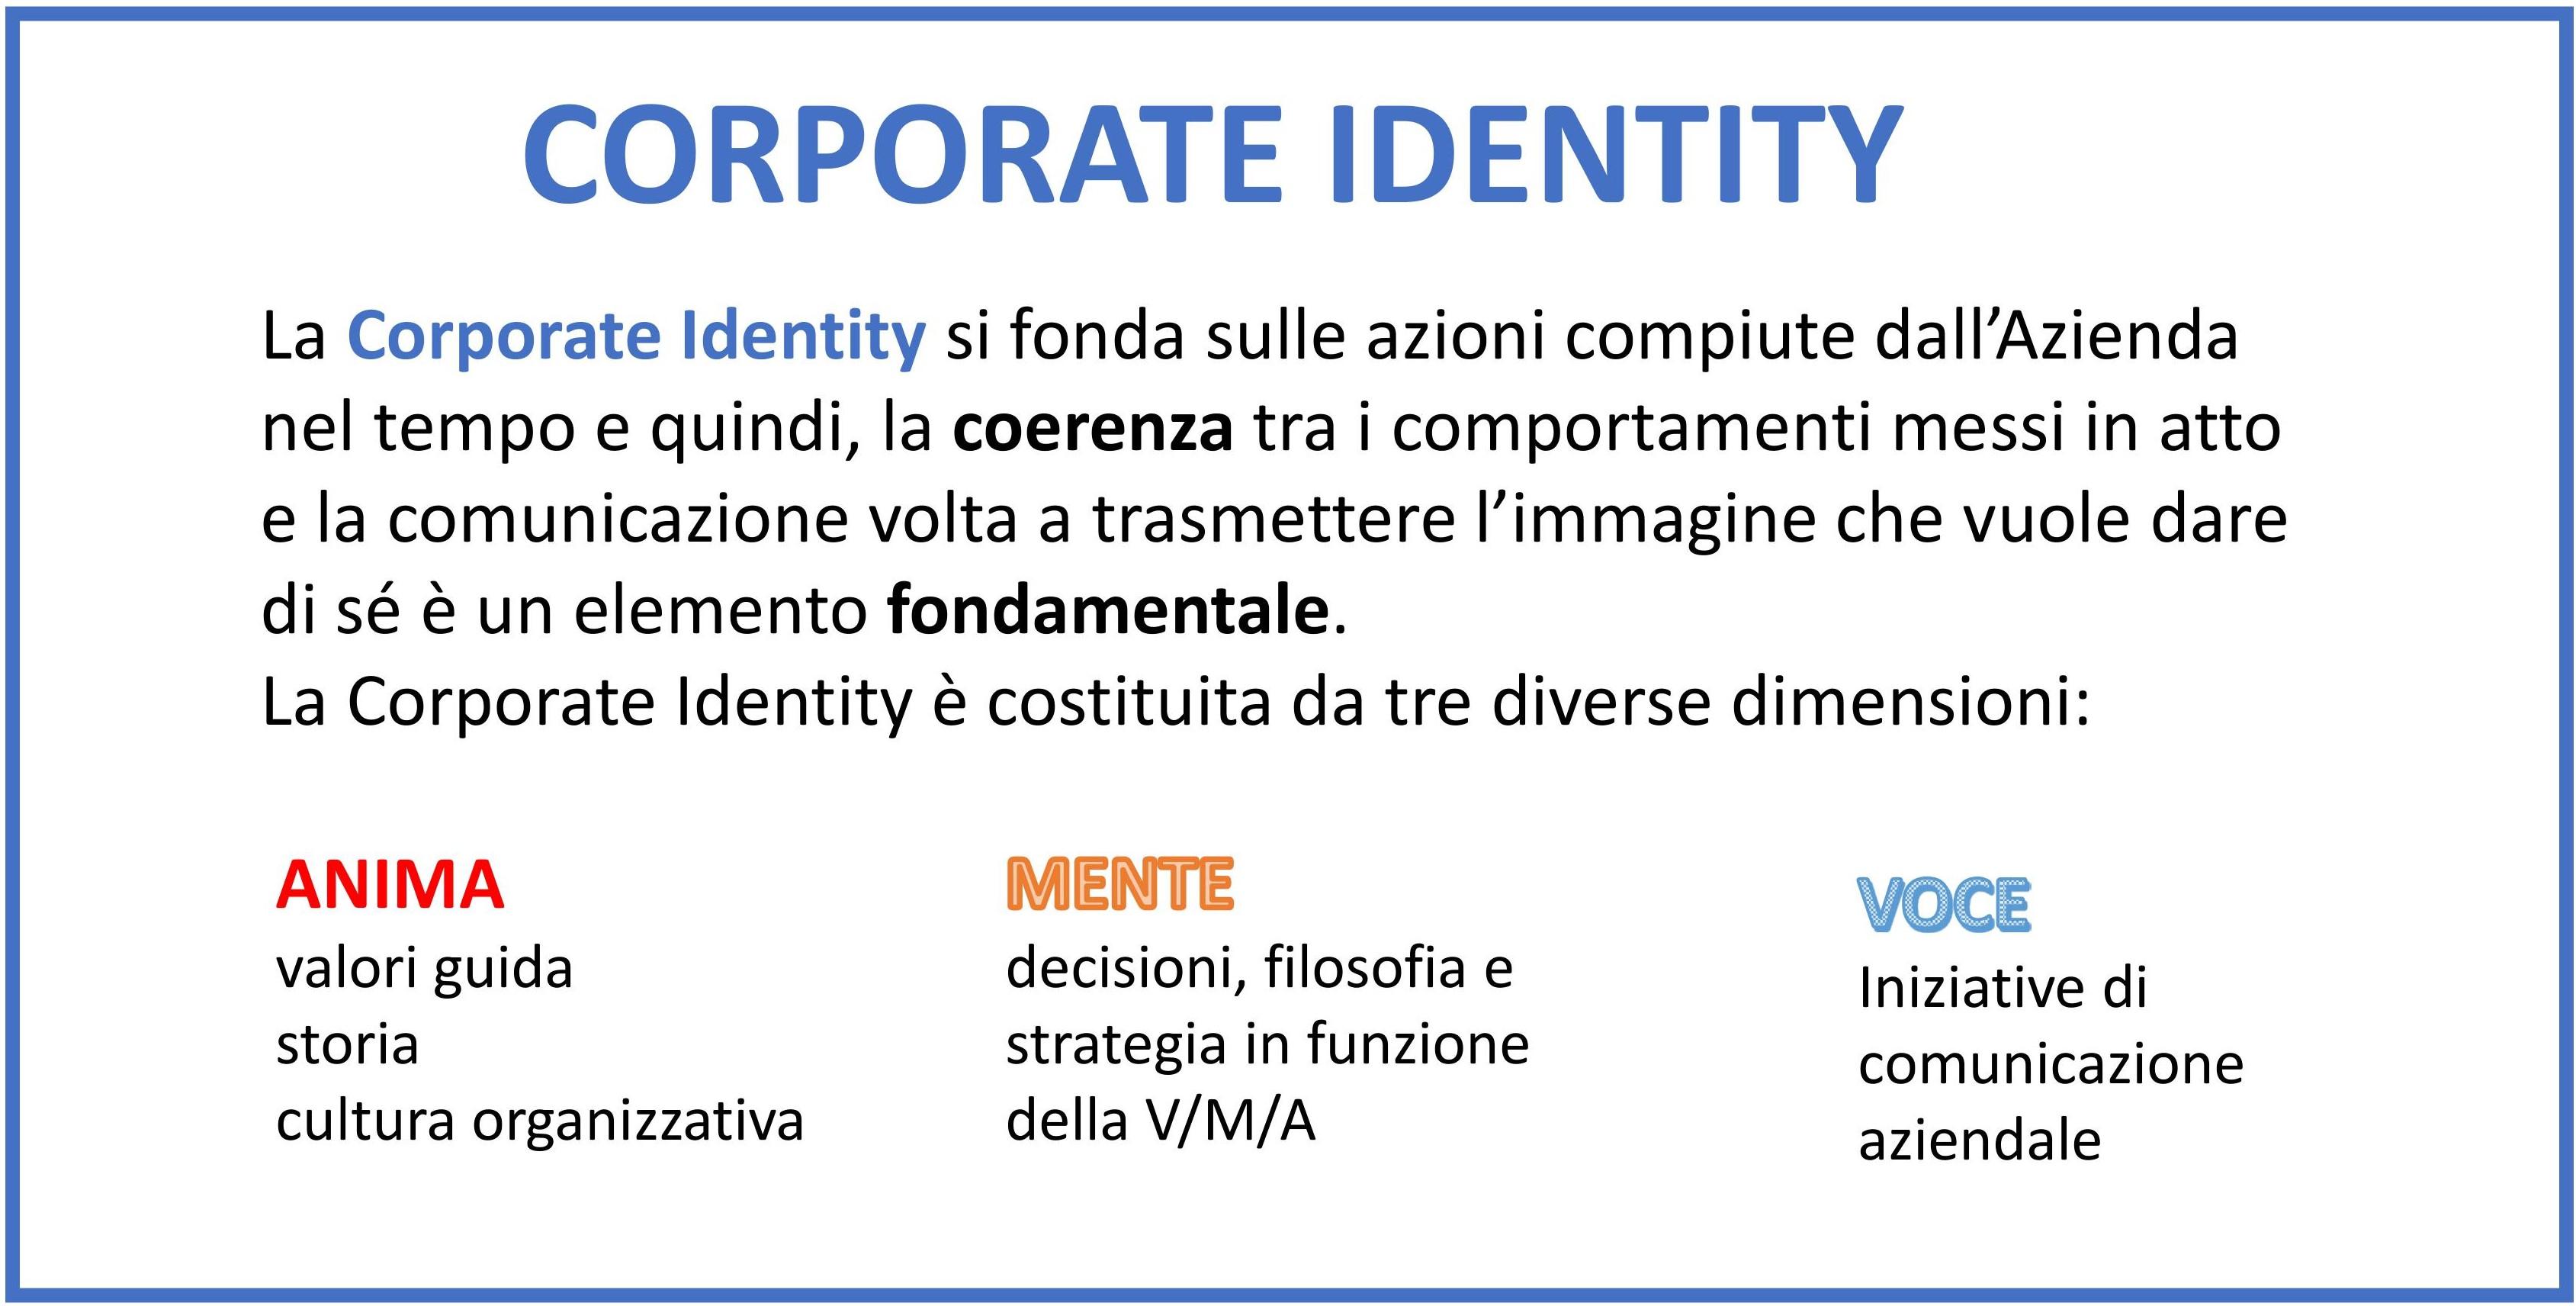 Brand & Corporate Identity:  Identità, percezione e posizionamento dell'Azienda/Marca.